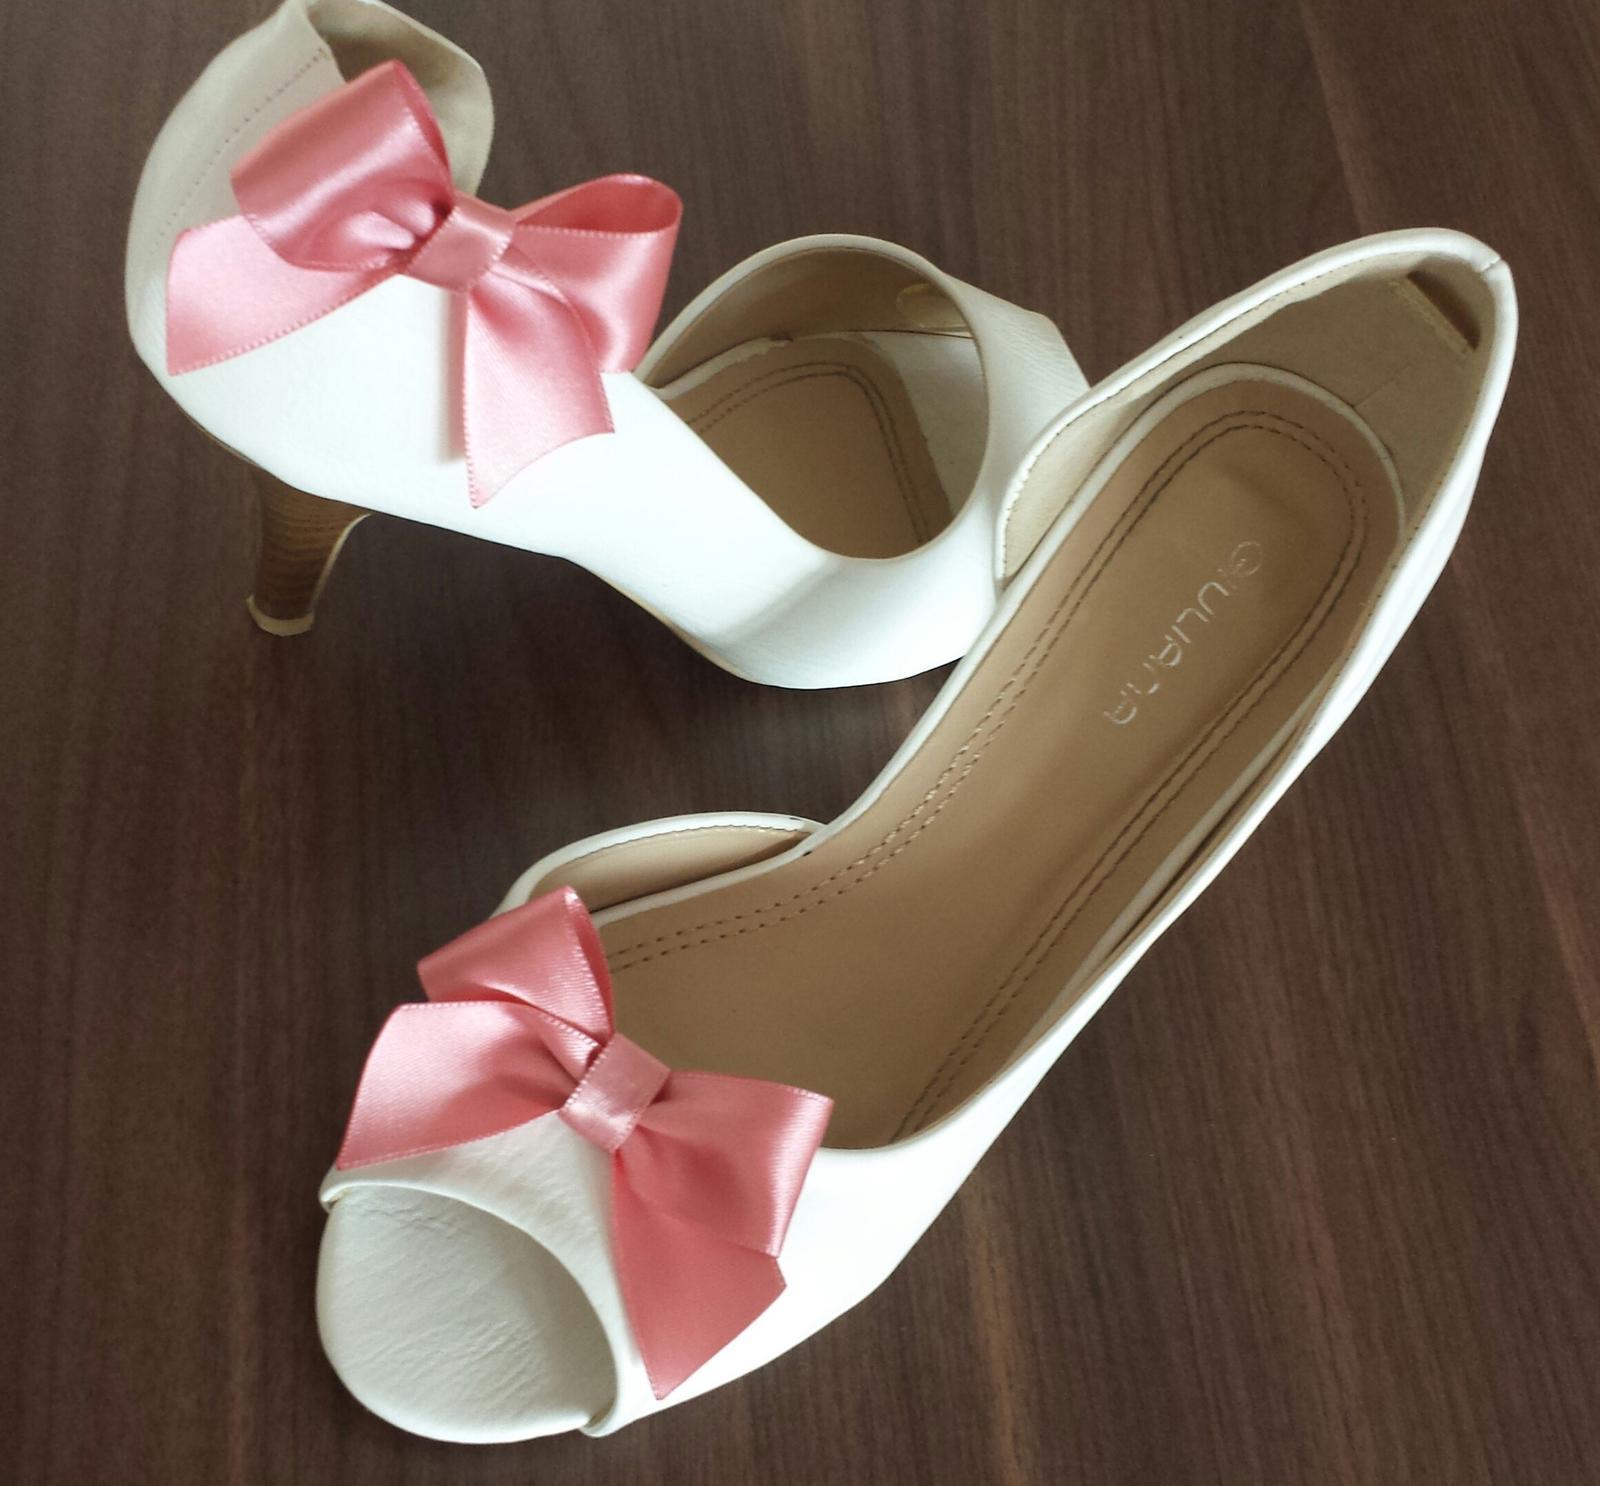 Klipy na boty pro nevěstu s růžovou mašličkou - Obrázek č. 3